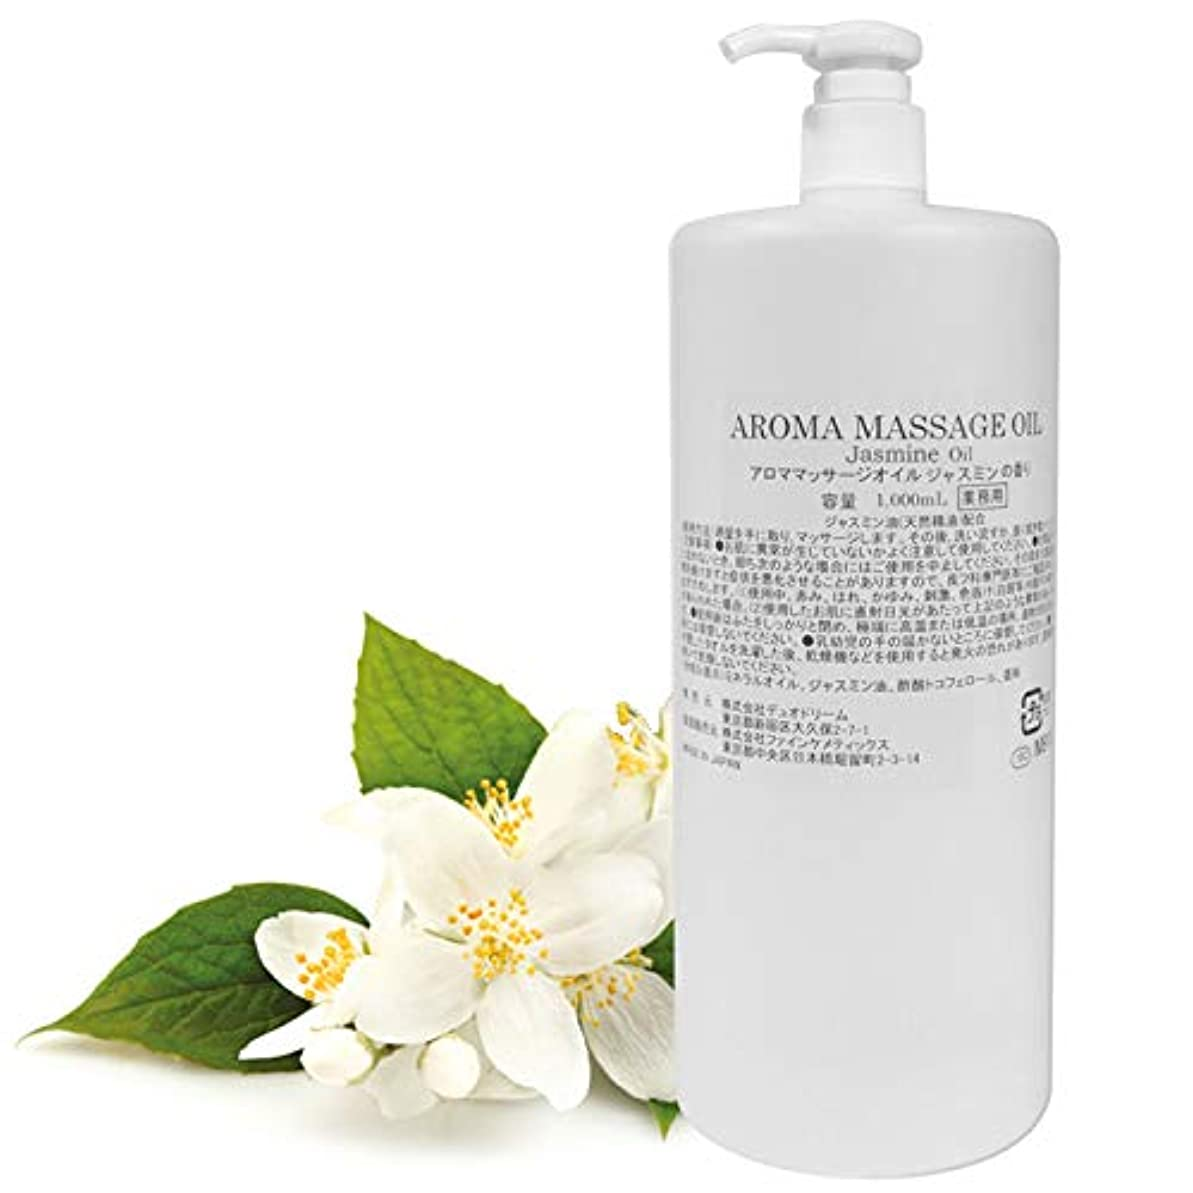 現金干ばつバンドNEW 日本製 アロママッサージオイル ジャスミン 1000mL 業務用 ★ジャスミン油 天然精油配合 エキゾチックなジャスミンの香り さっぱりタイプ ジャスミンオイル